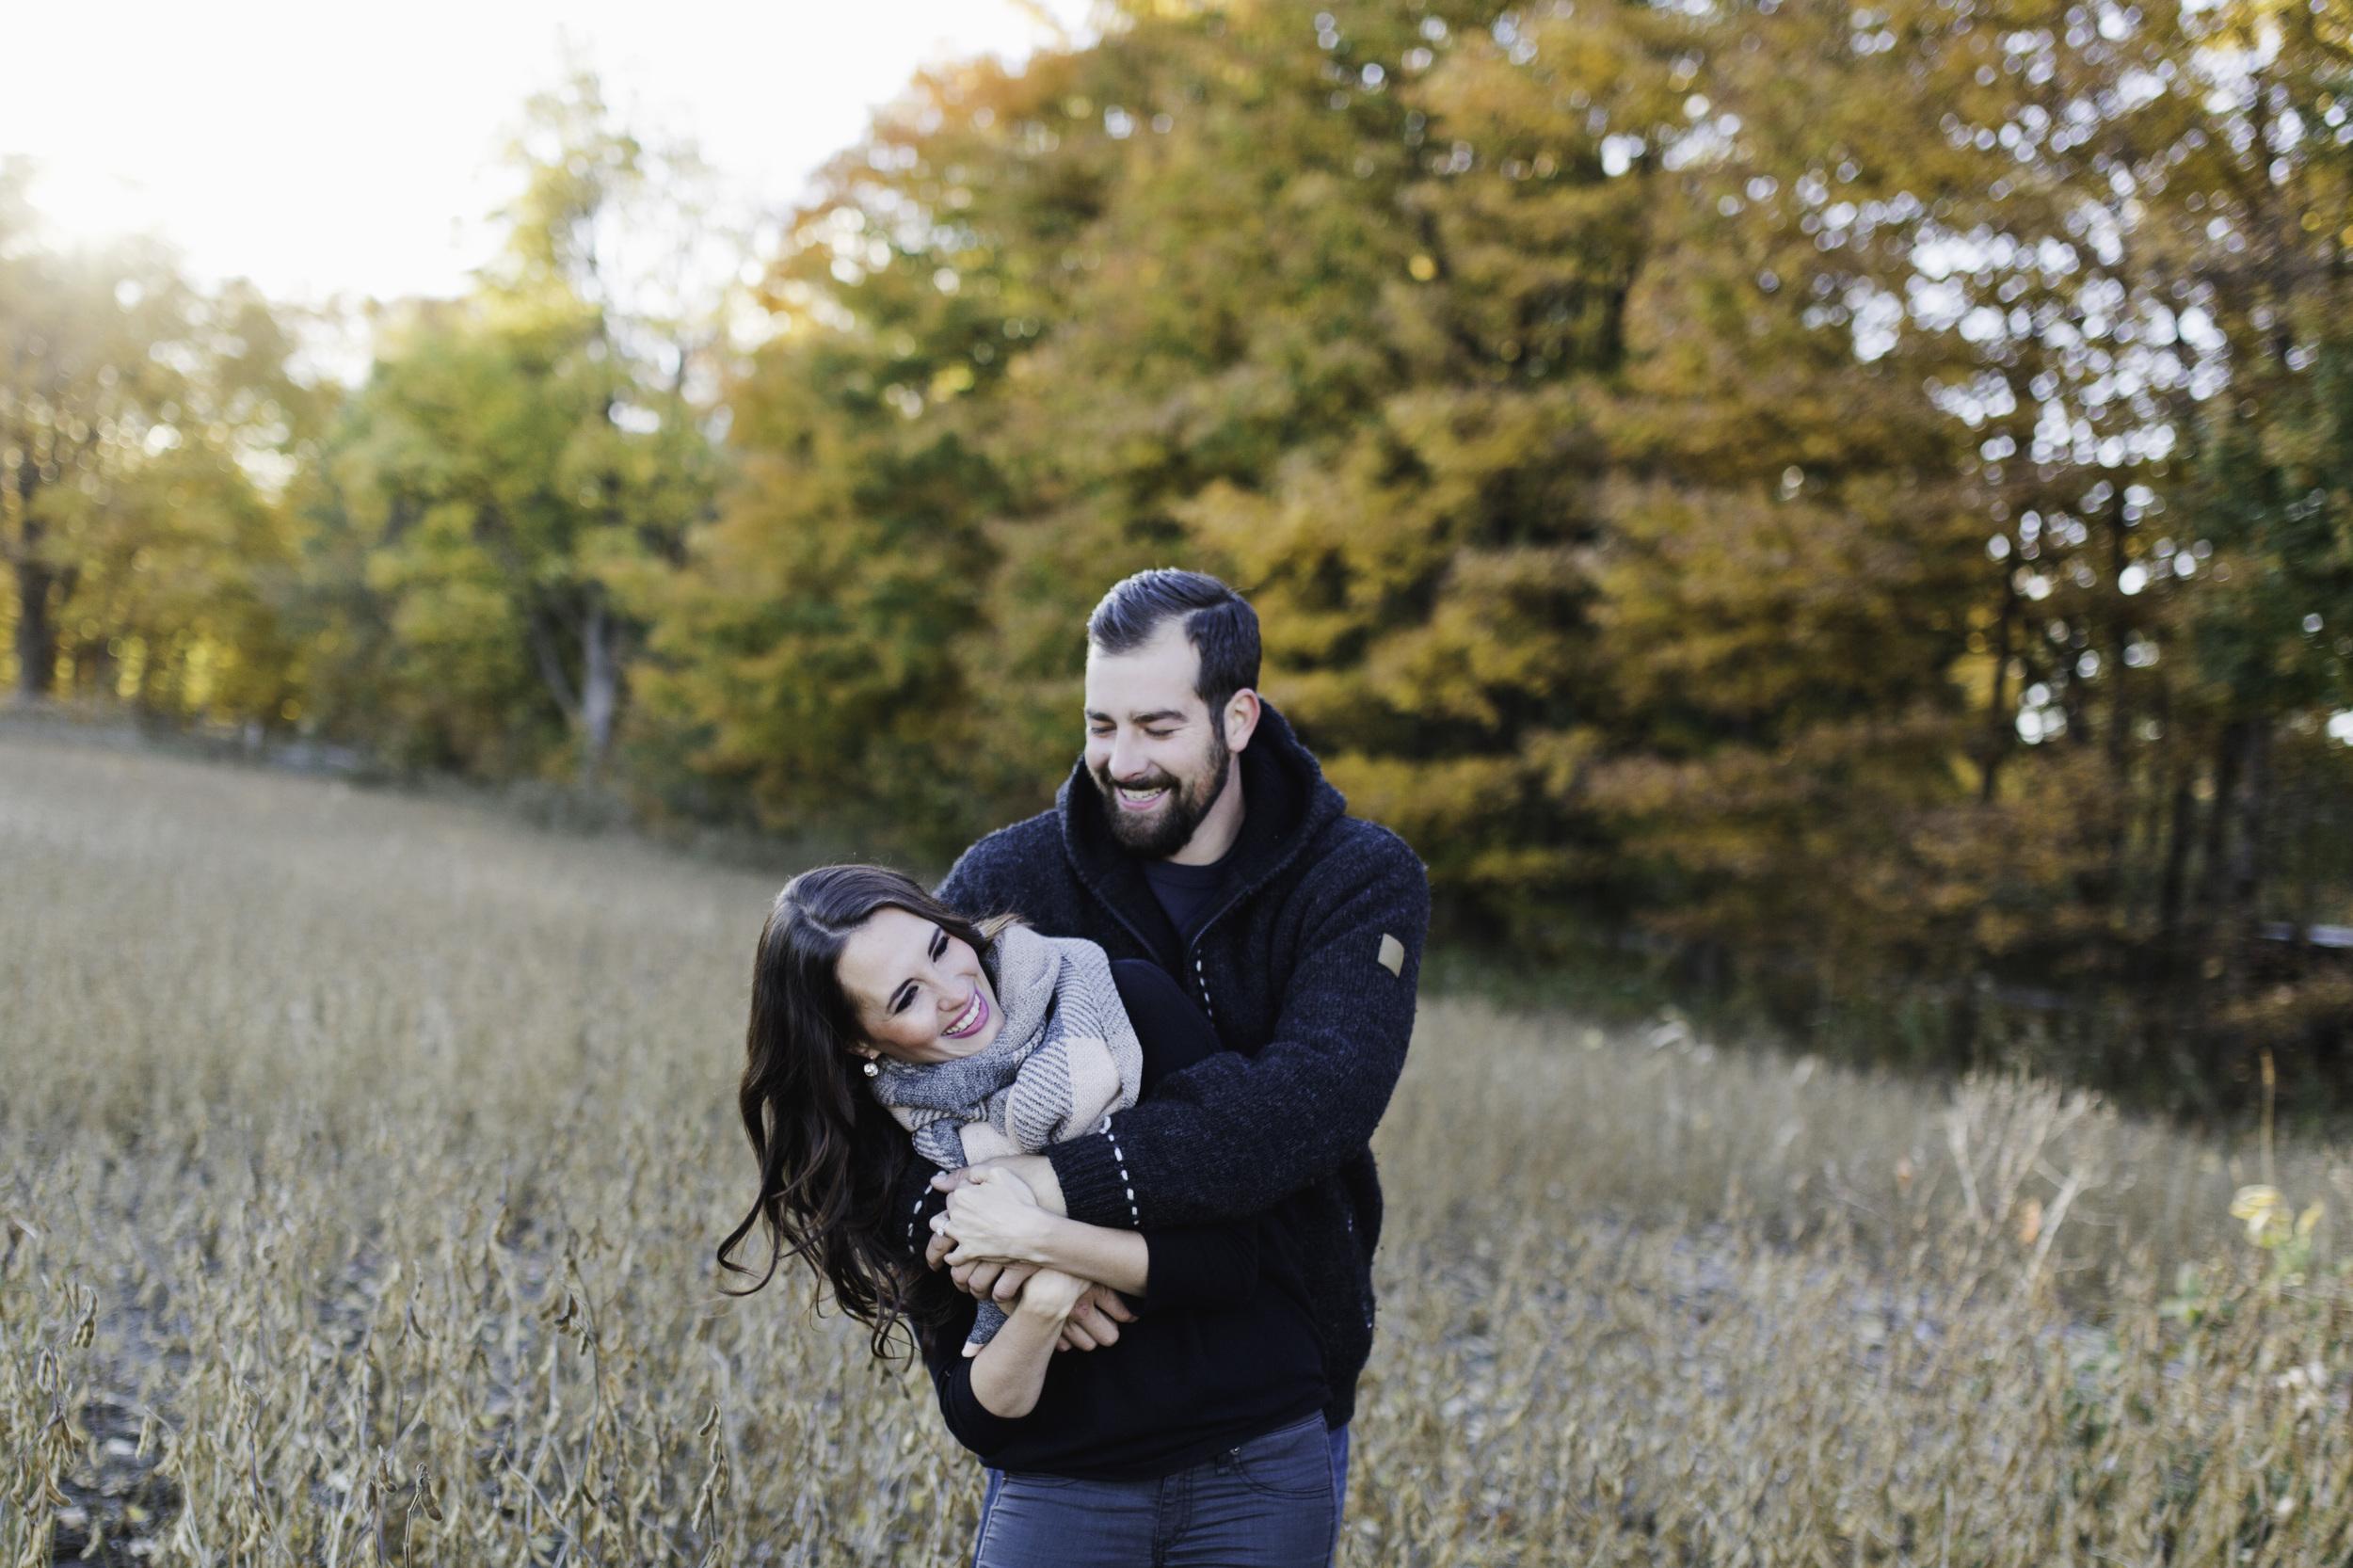 Meghan and Kyle-2209.jpg